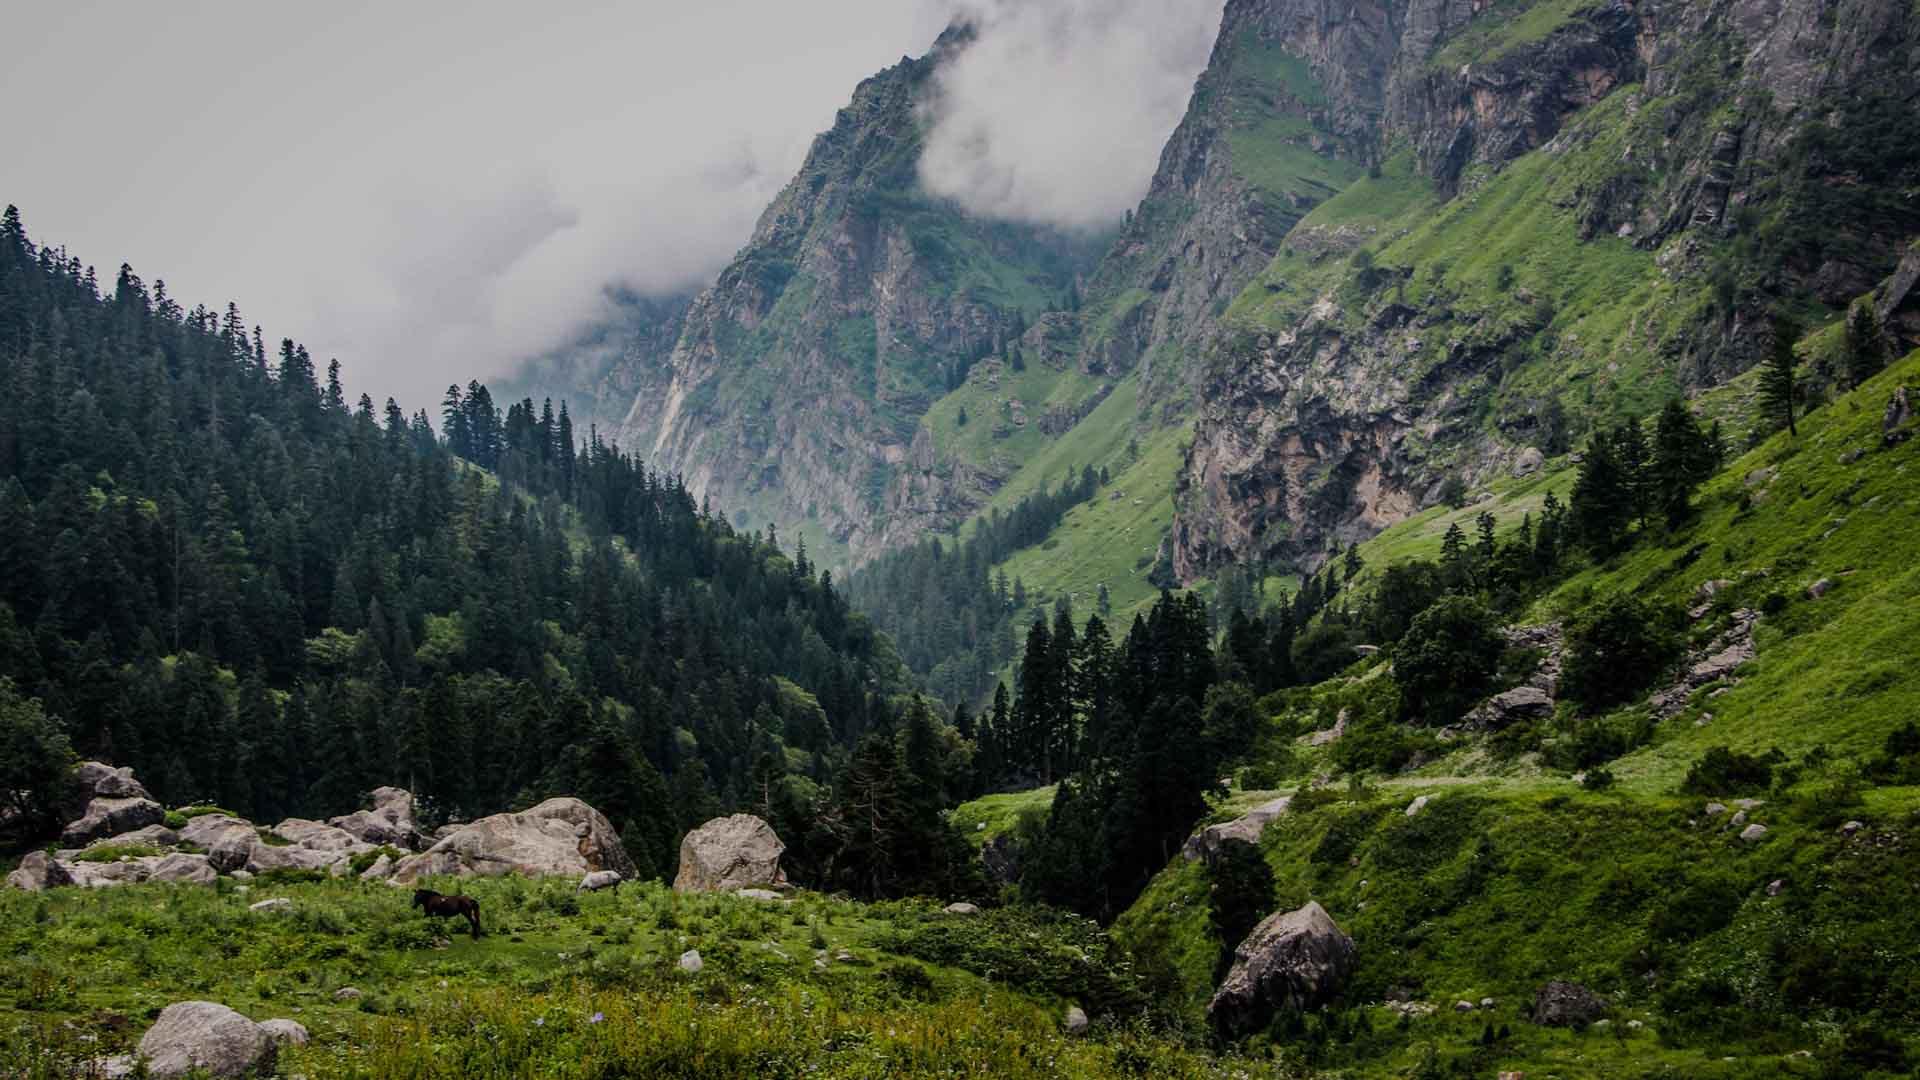 Himachal Pradesh Manali And Kasol   Himachal Pradesh Nature Of God 1920x1080